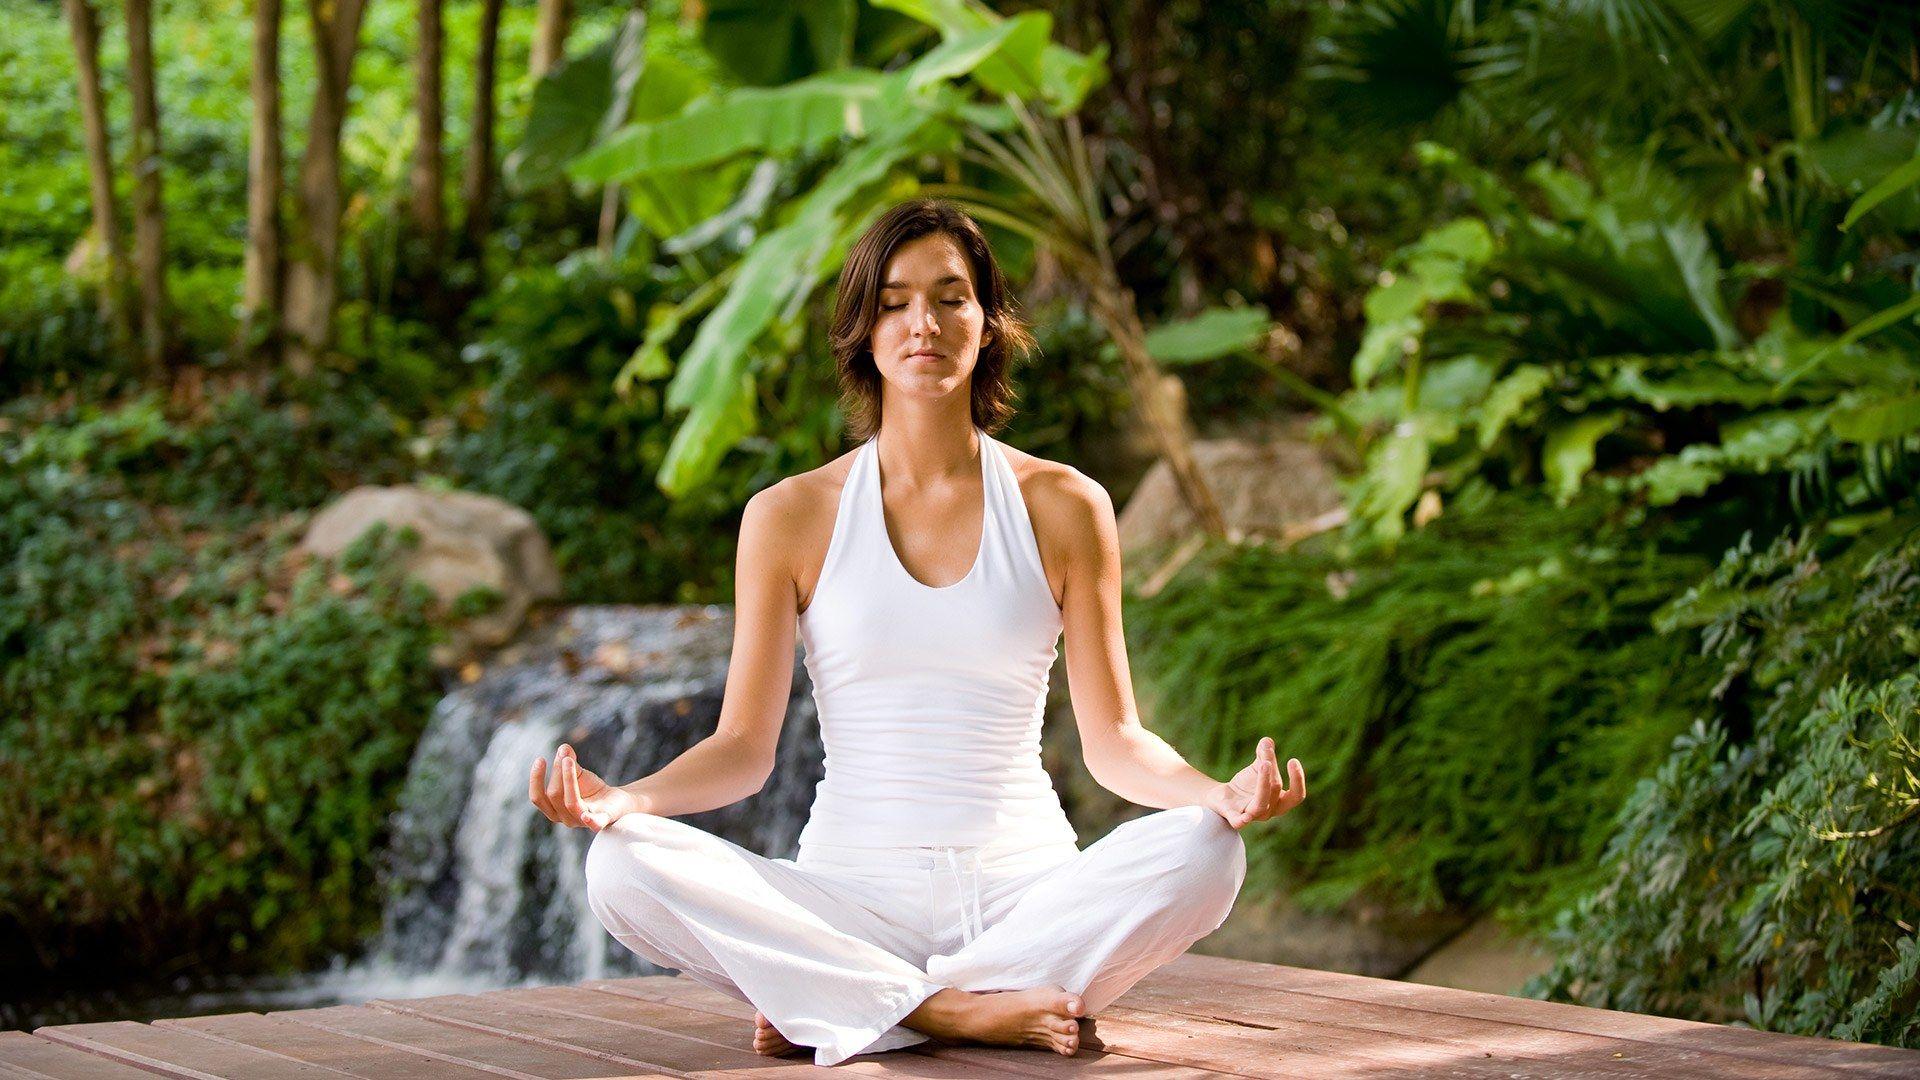 Meditation Free Wallpaper